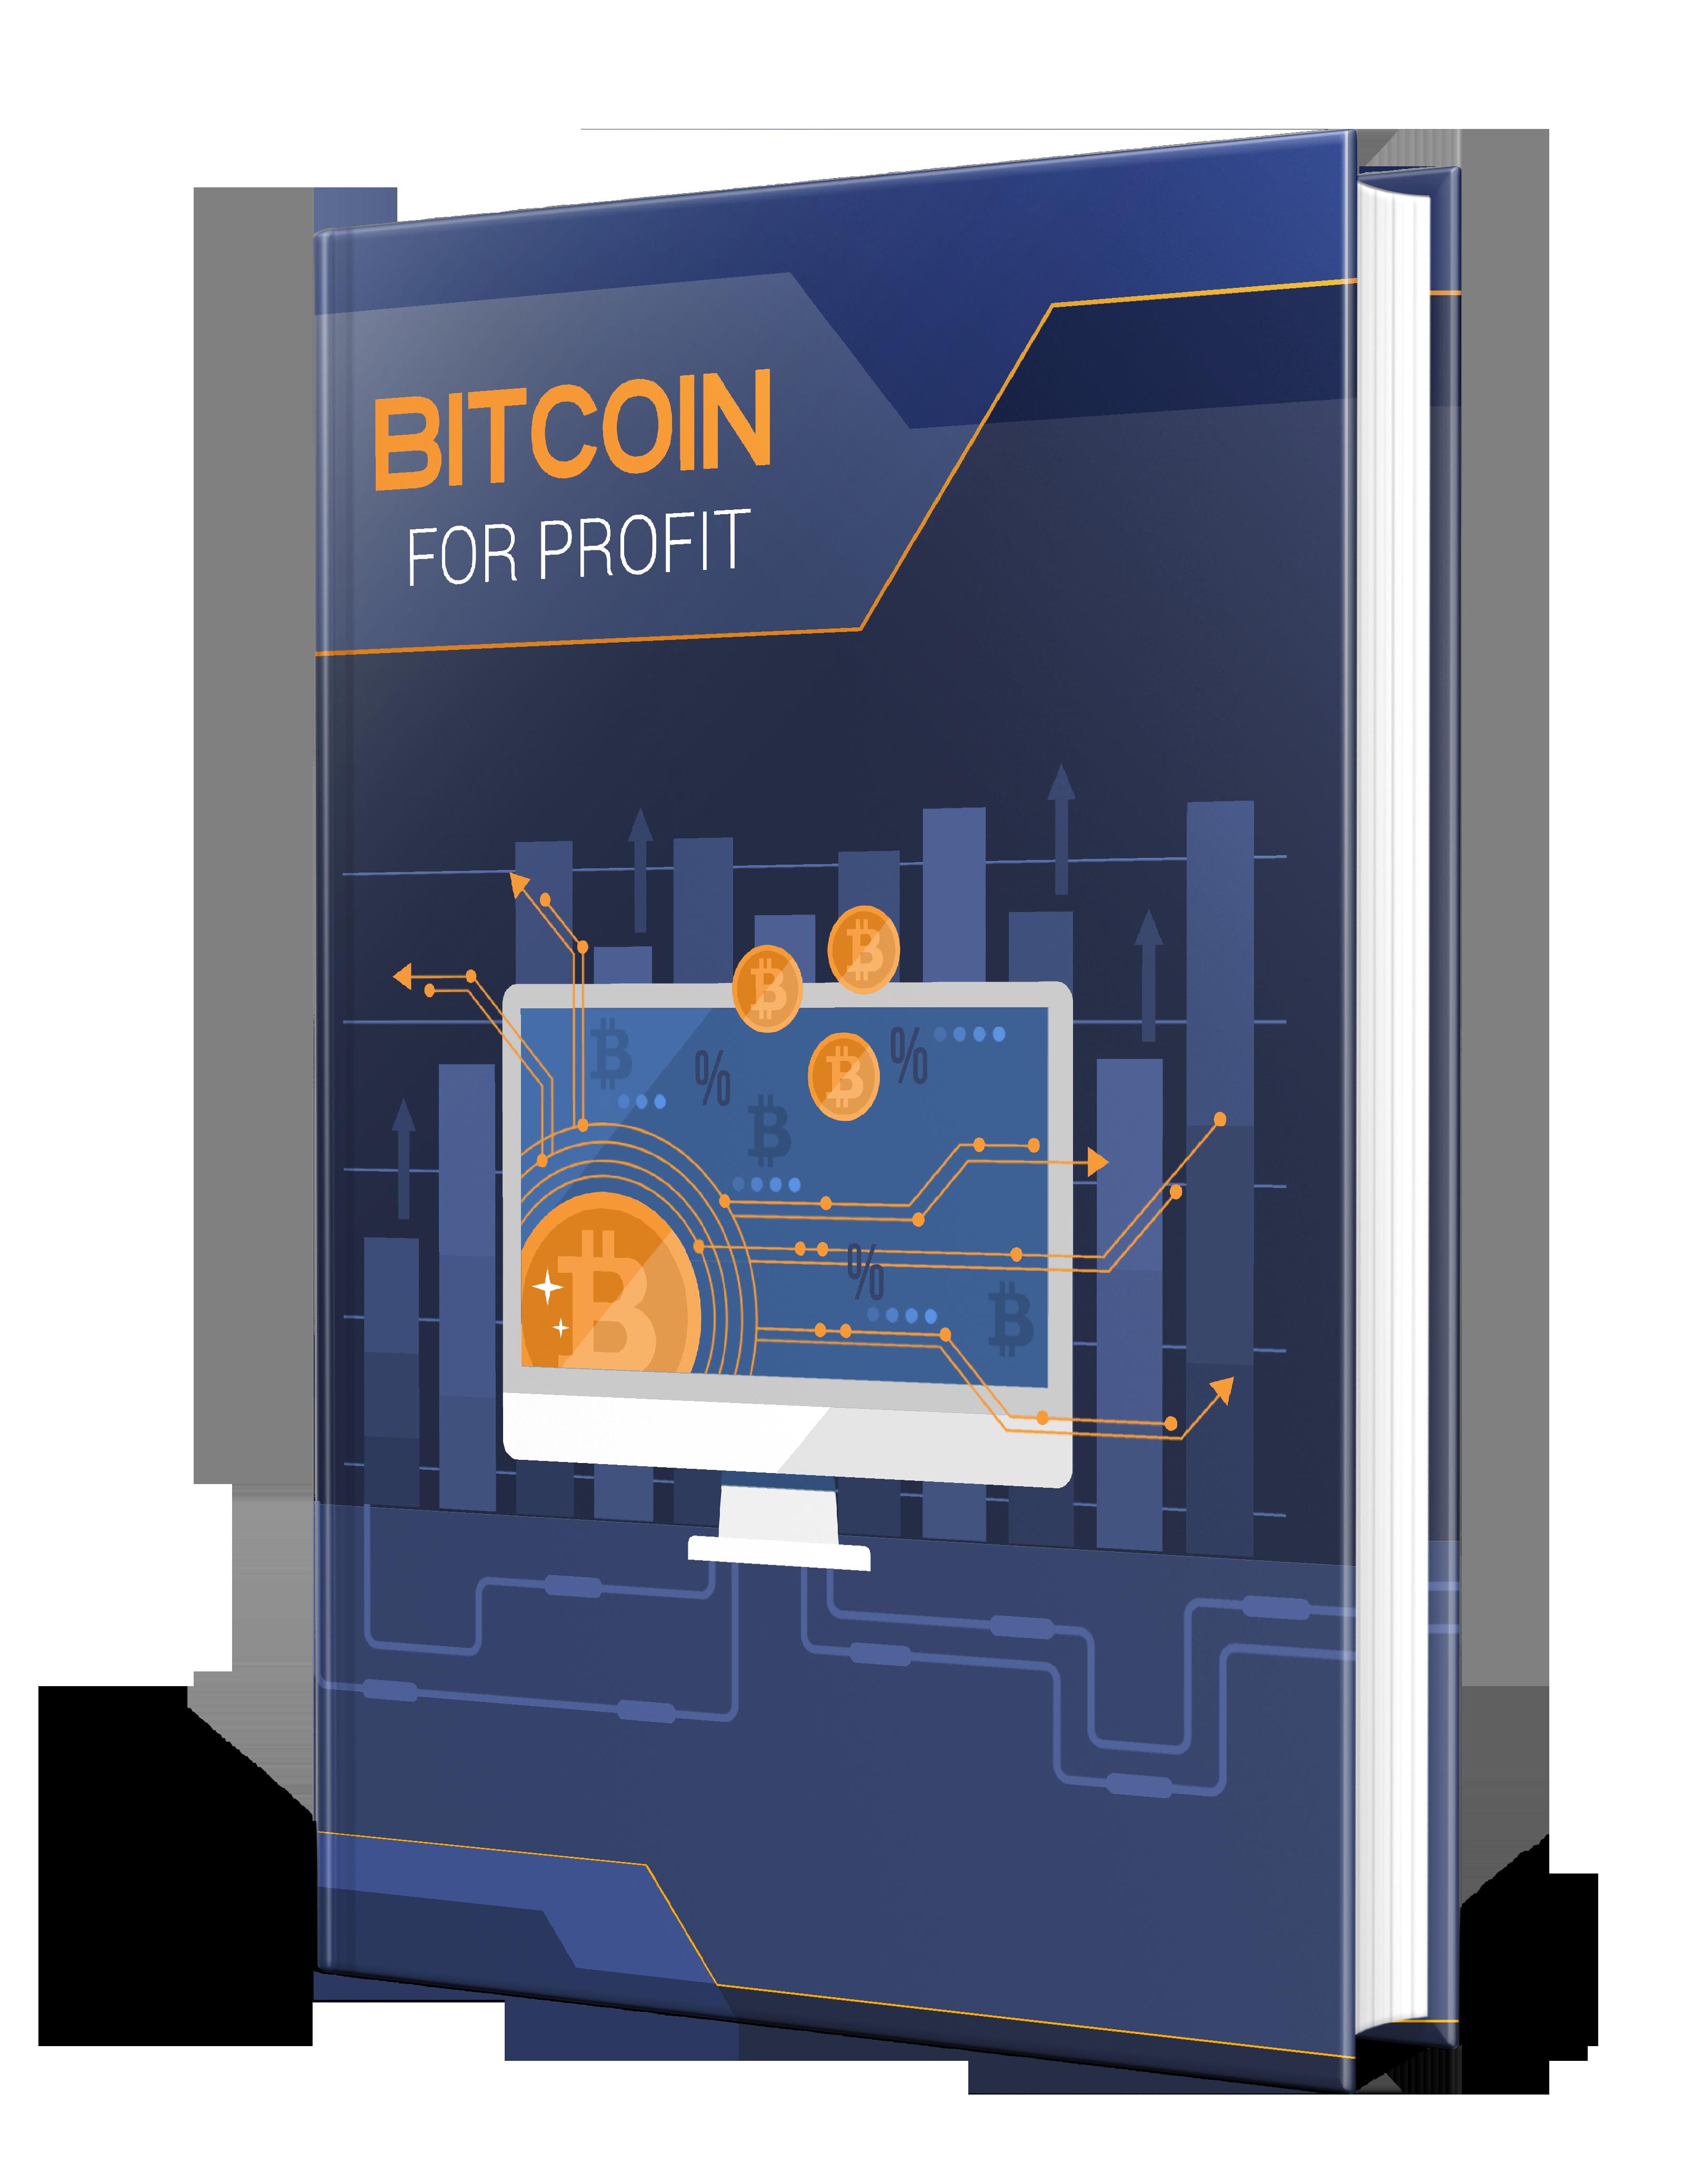 Unique plr book about Bitcoins